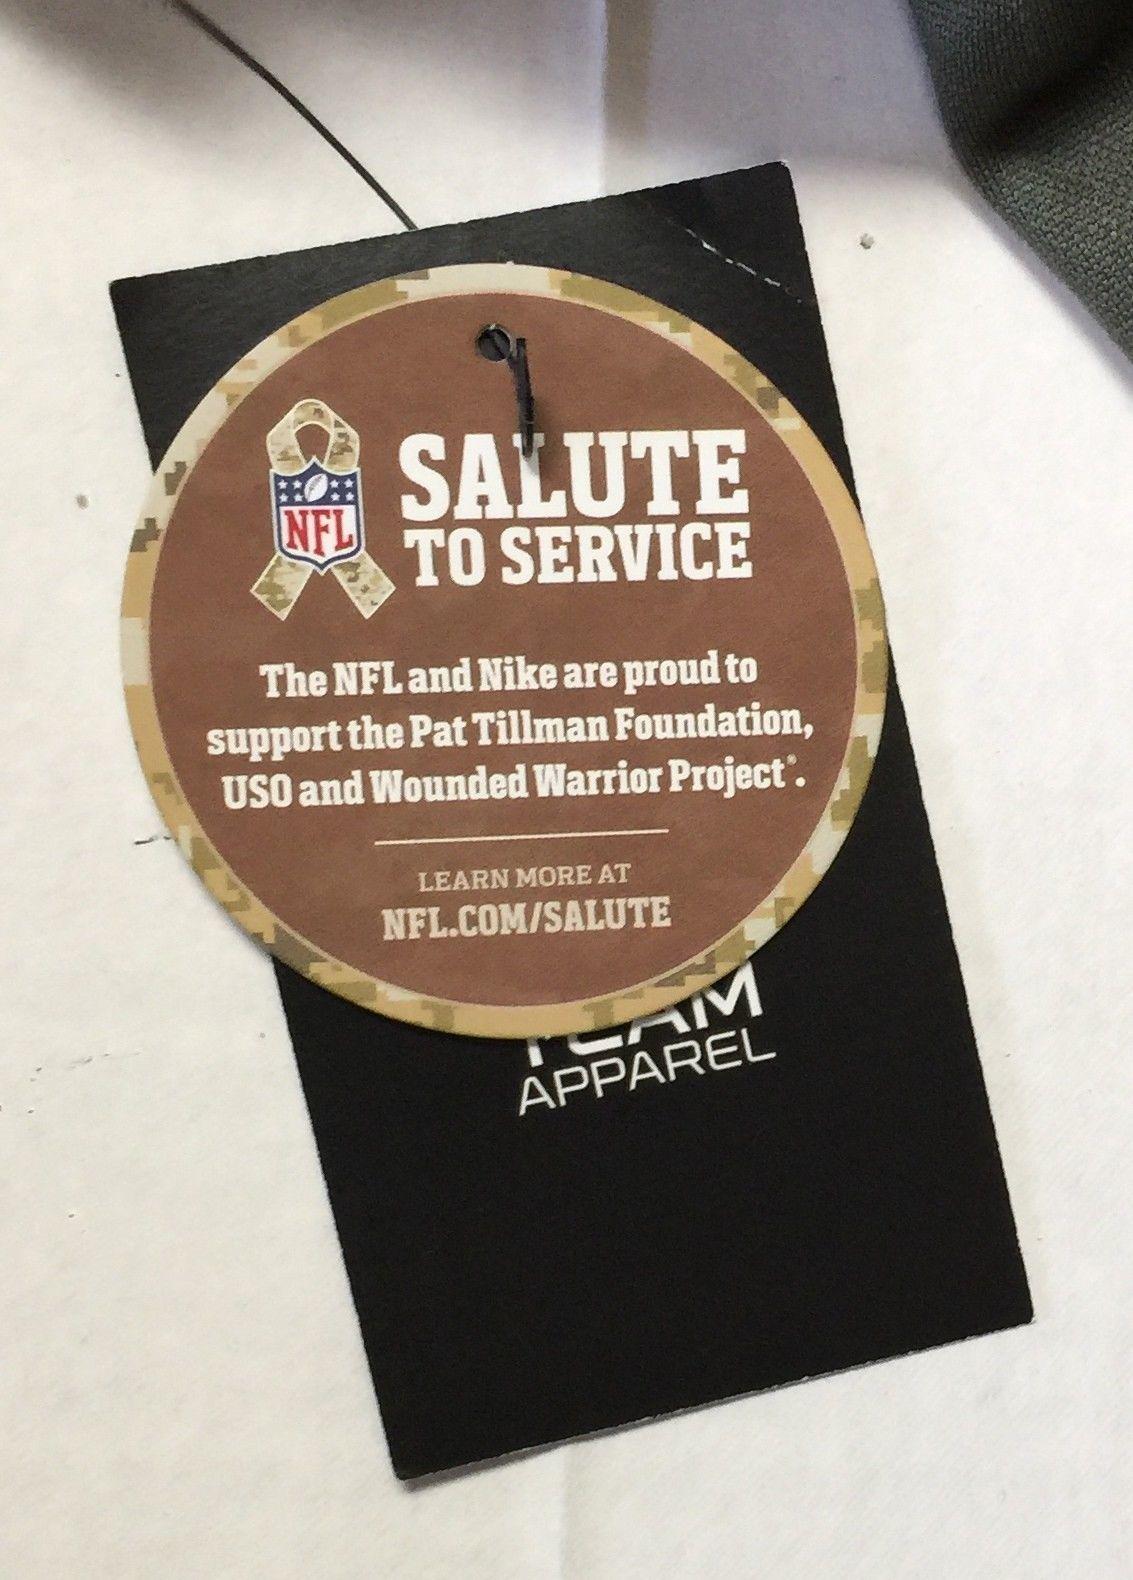 448c33c4 Women's Arizona Cardinals Salute to Service and 50 similar items